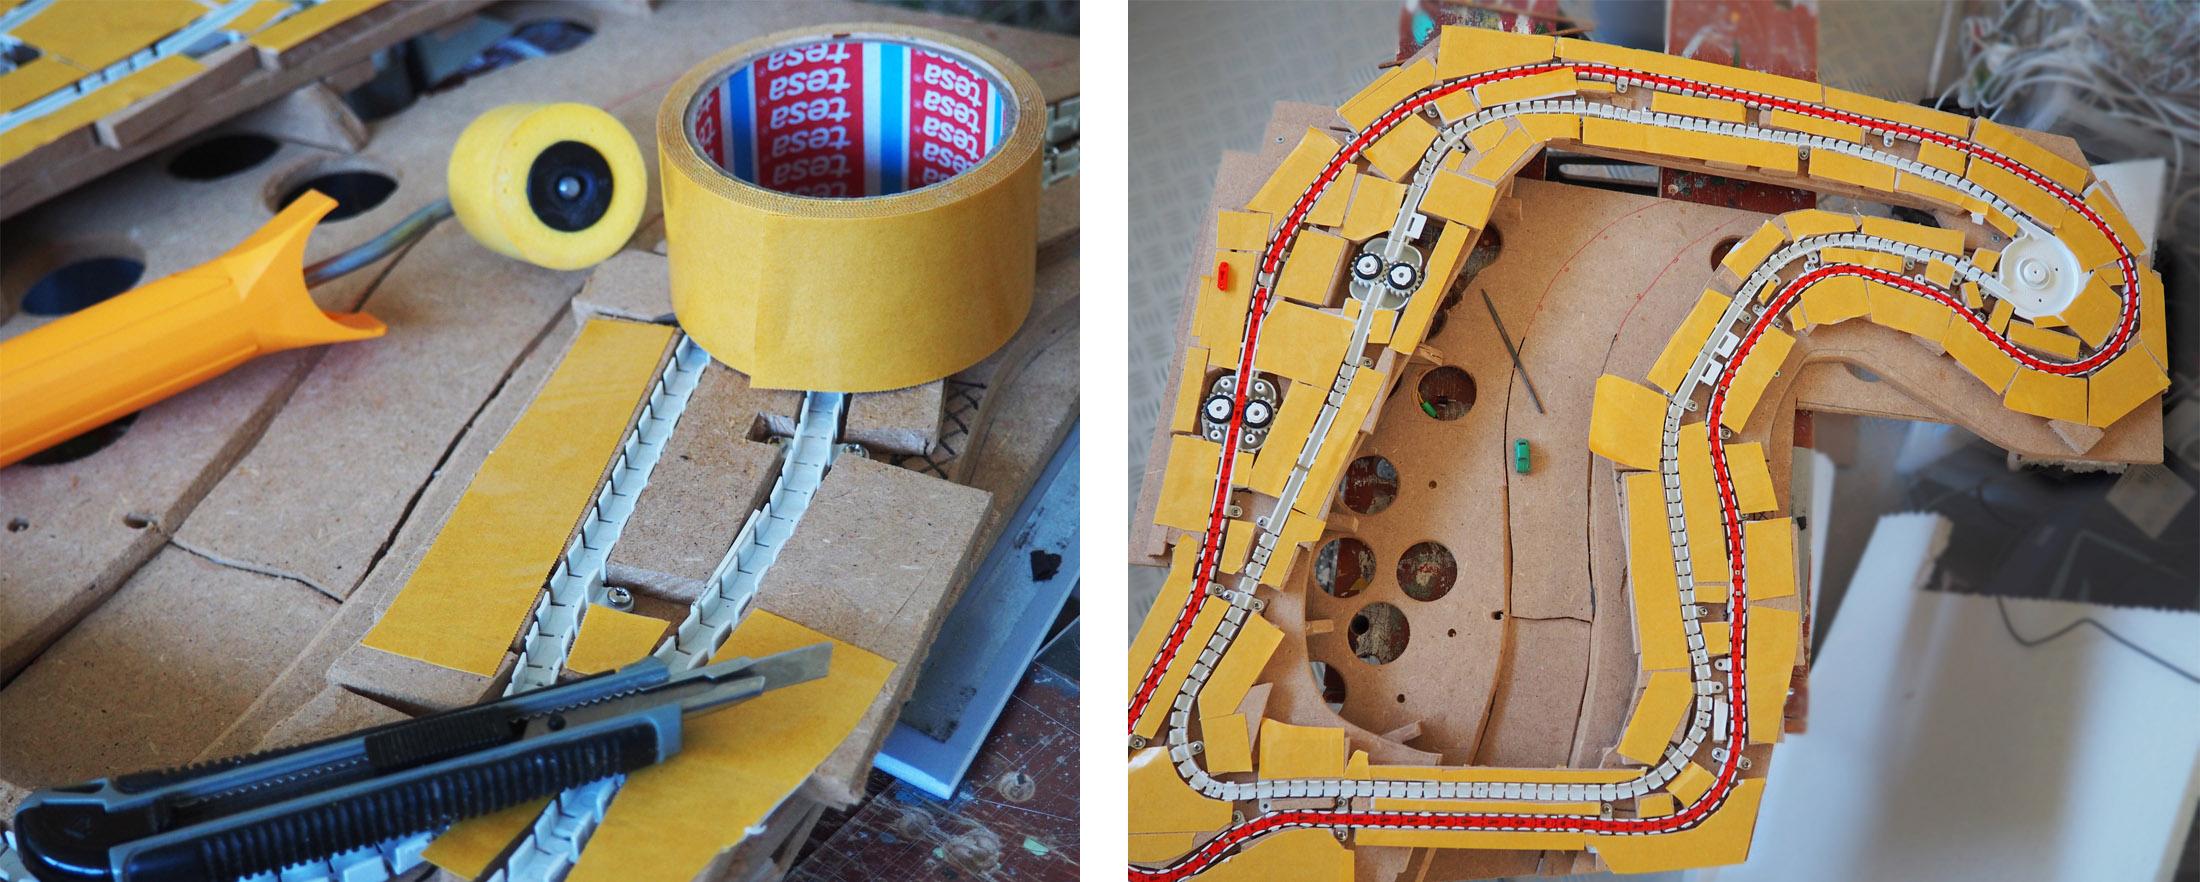 Voor de definitieve bevestiging van de kartonnen toplaag (het wegdek) wordt dubbelzijdig tape gebruikt.